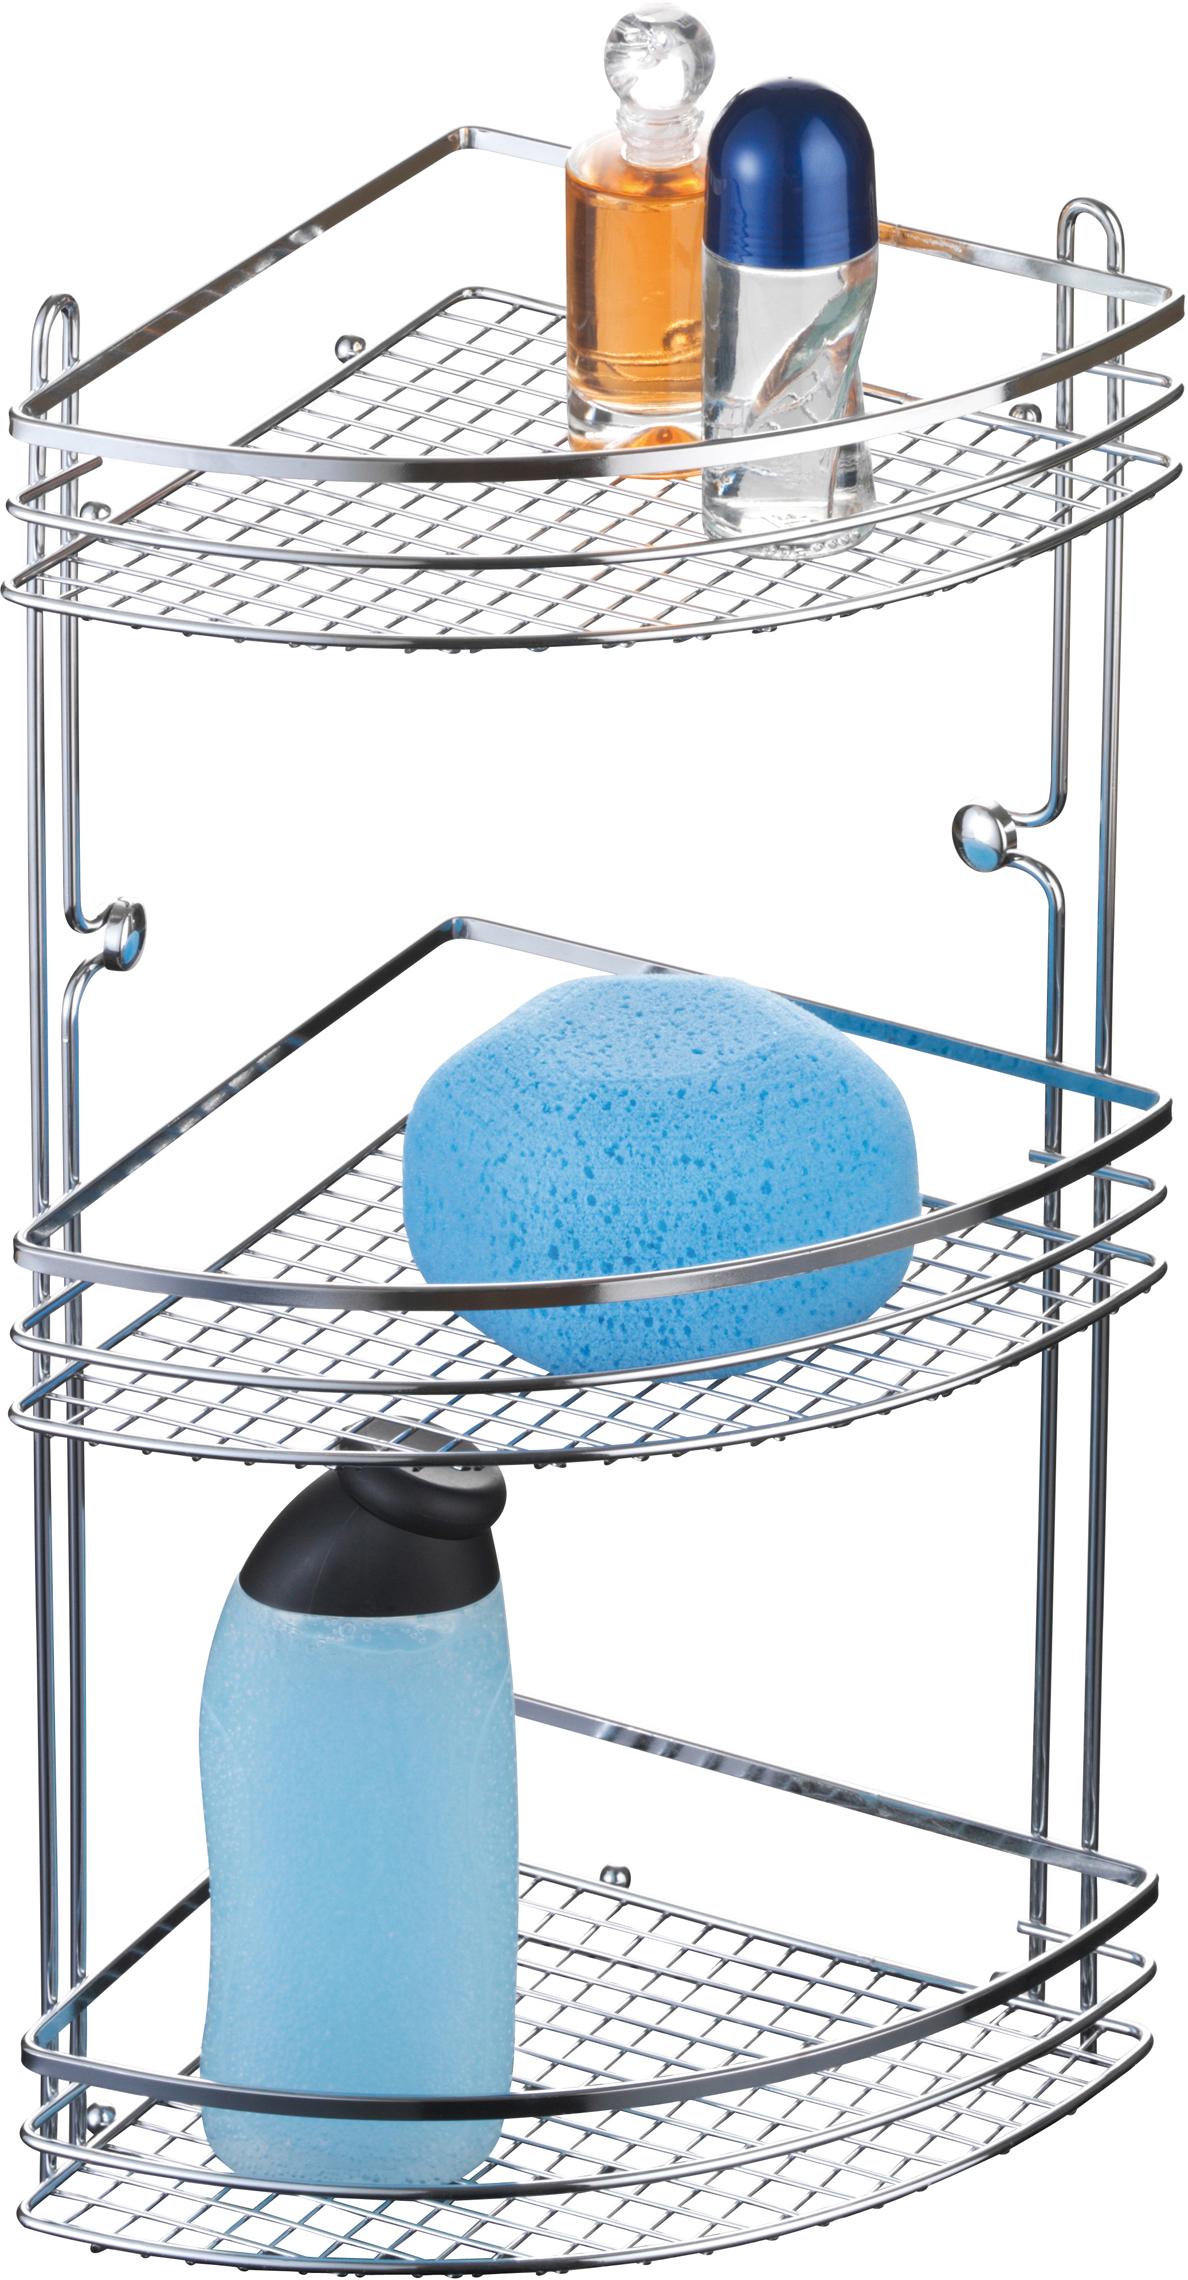 Полка для ванной Axentia Cassandra, угловая, трехъярусная, 20 х 28 х 46 см280869Трехъярусная полка для ванной Axentia Cassandra изготовлена из стали с качественным хромированным покрытием, которое на долго защитит изделие от ржавчины в условиях высокой влажности в ванной комнате. Изделие крепится на стену с помощью шурупов (входят в комплект). Классический дизайн и оптимальная вместимость подойдет для любого интерьера ванной комнаты или кухни.Размер полки: 20 х 28 х 46 см.